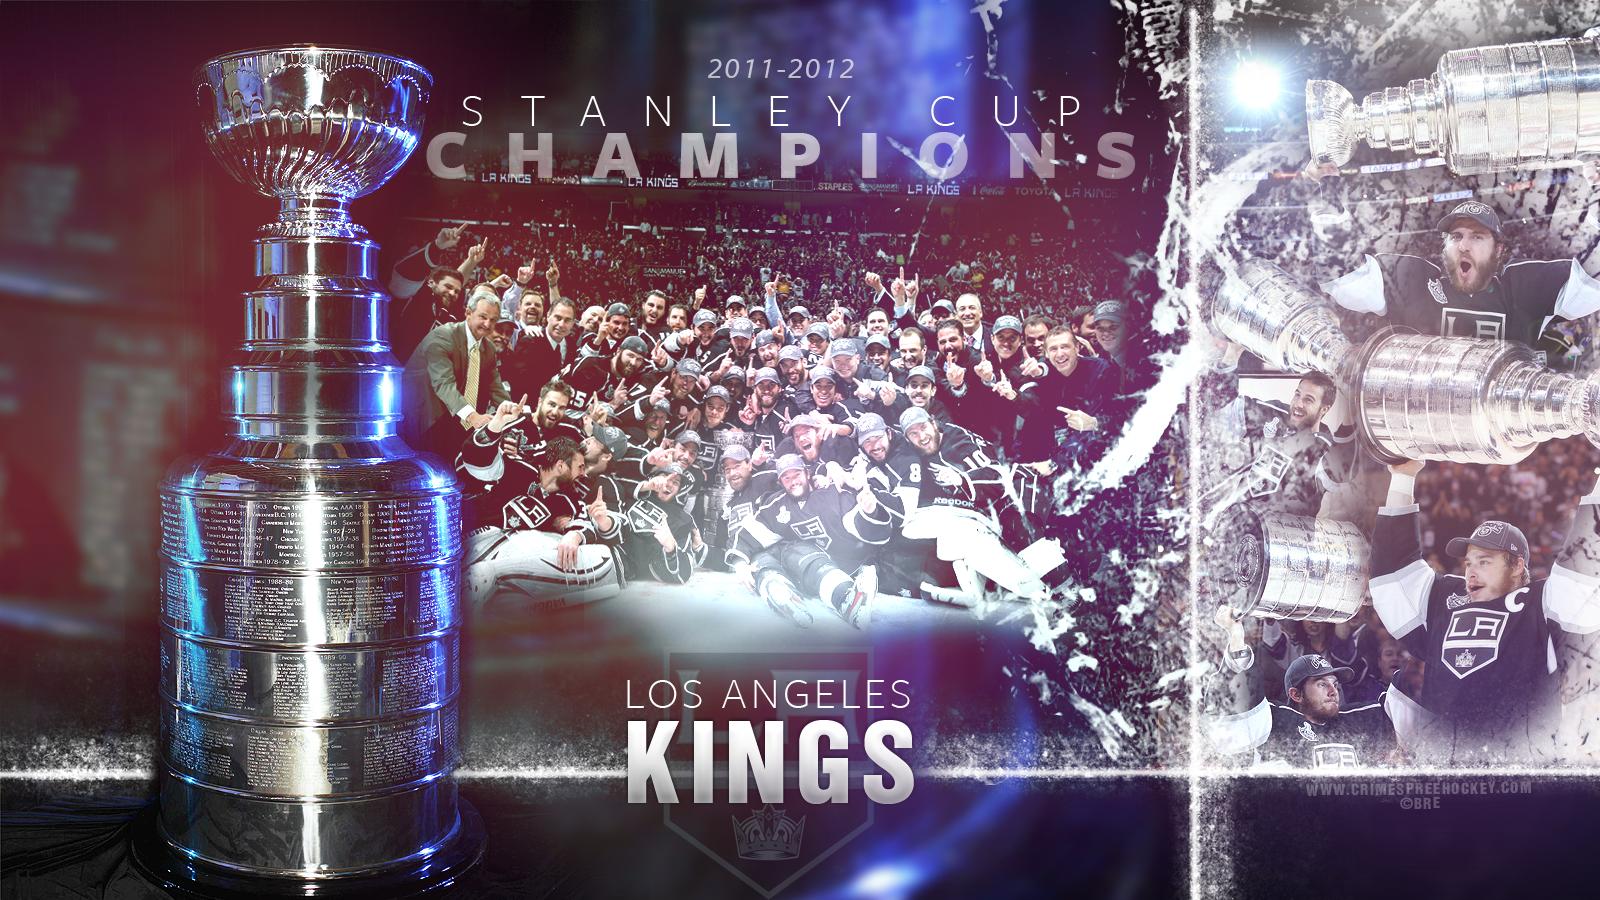 Free Download Los Angeles Kings Background Image Los Angeles Kings